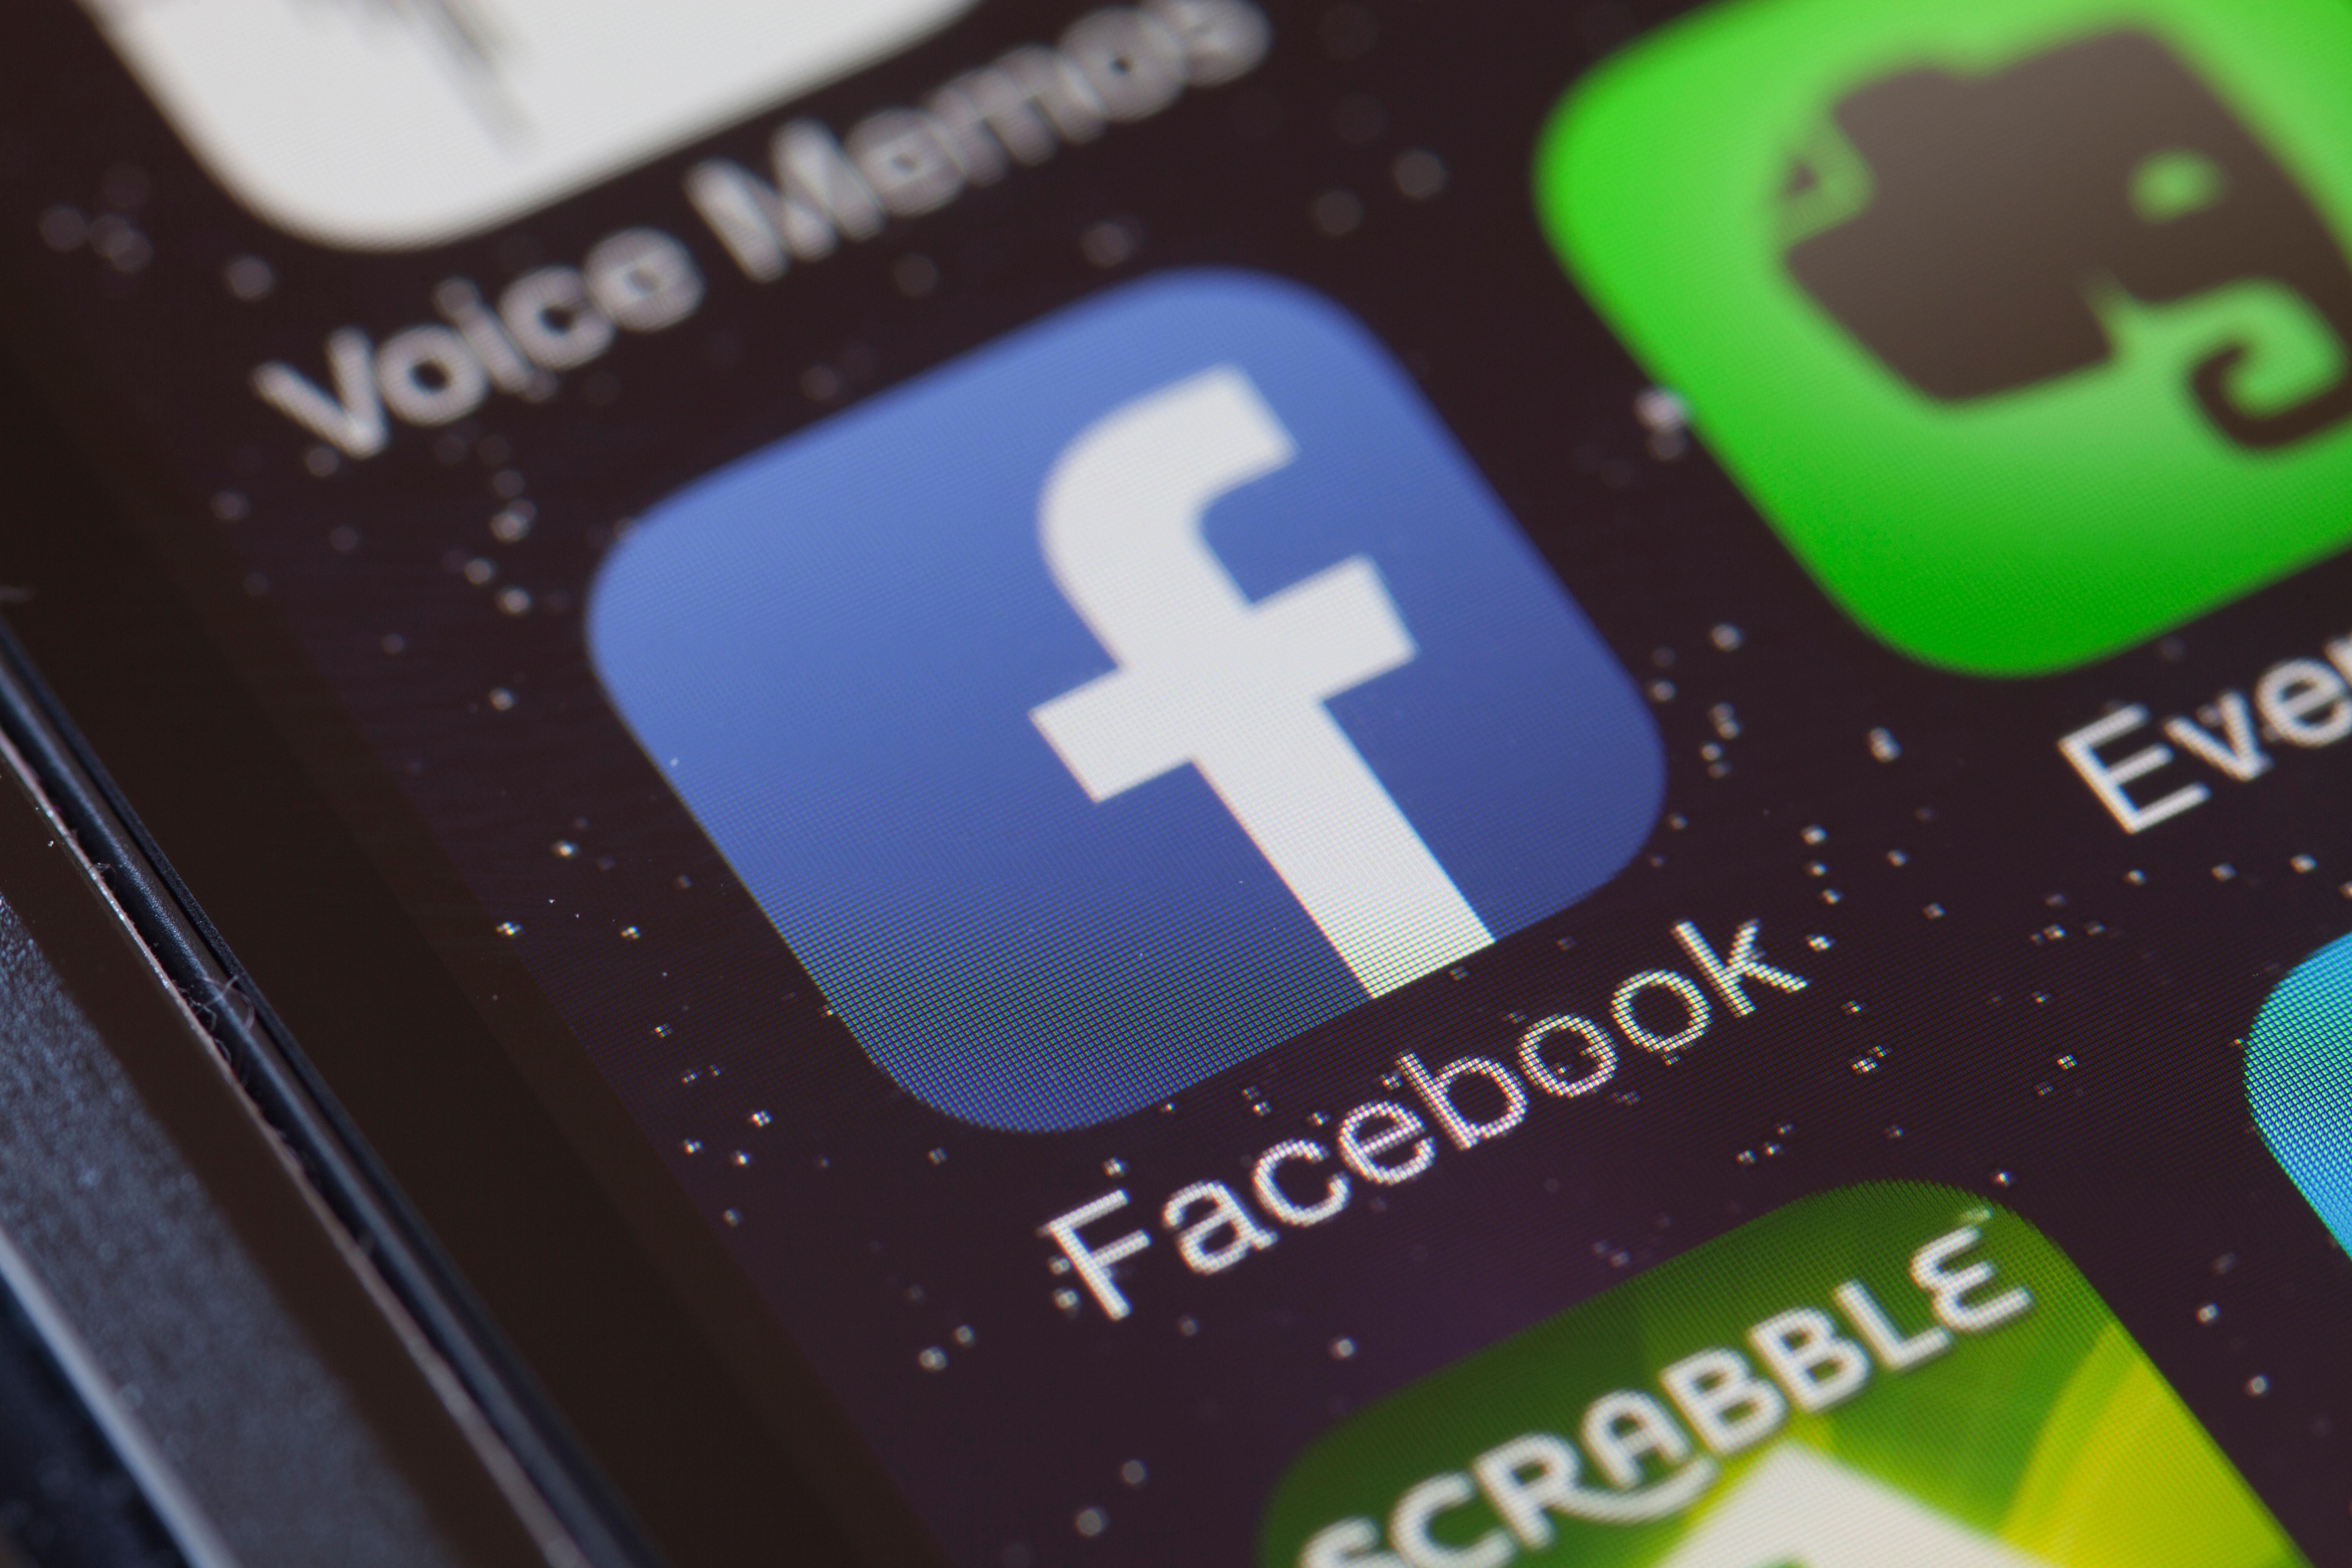 إنها ليست المرة الأولى Facebook كان لديه مشاكل في الأشهر الأخيرة